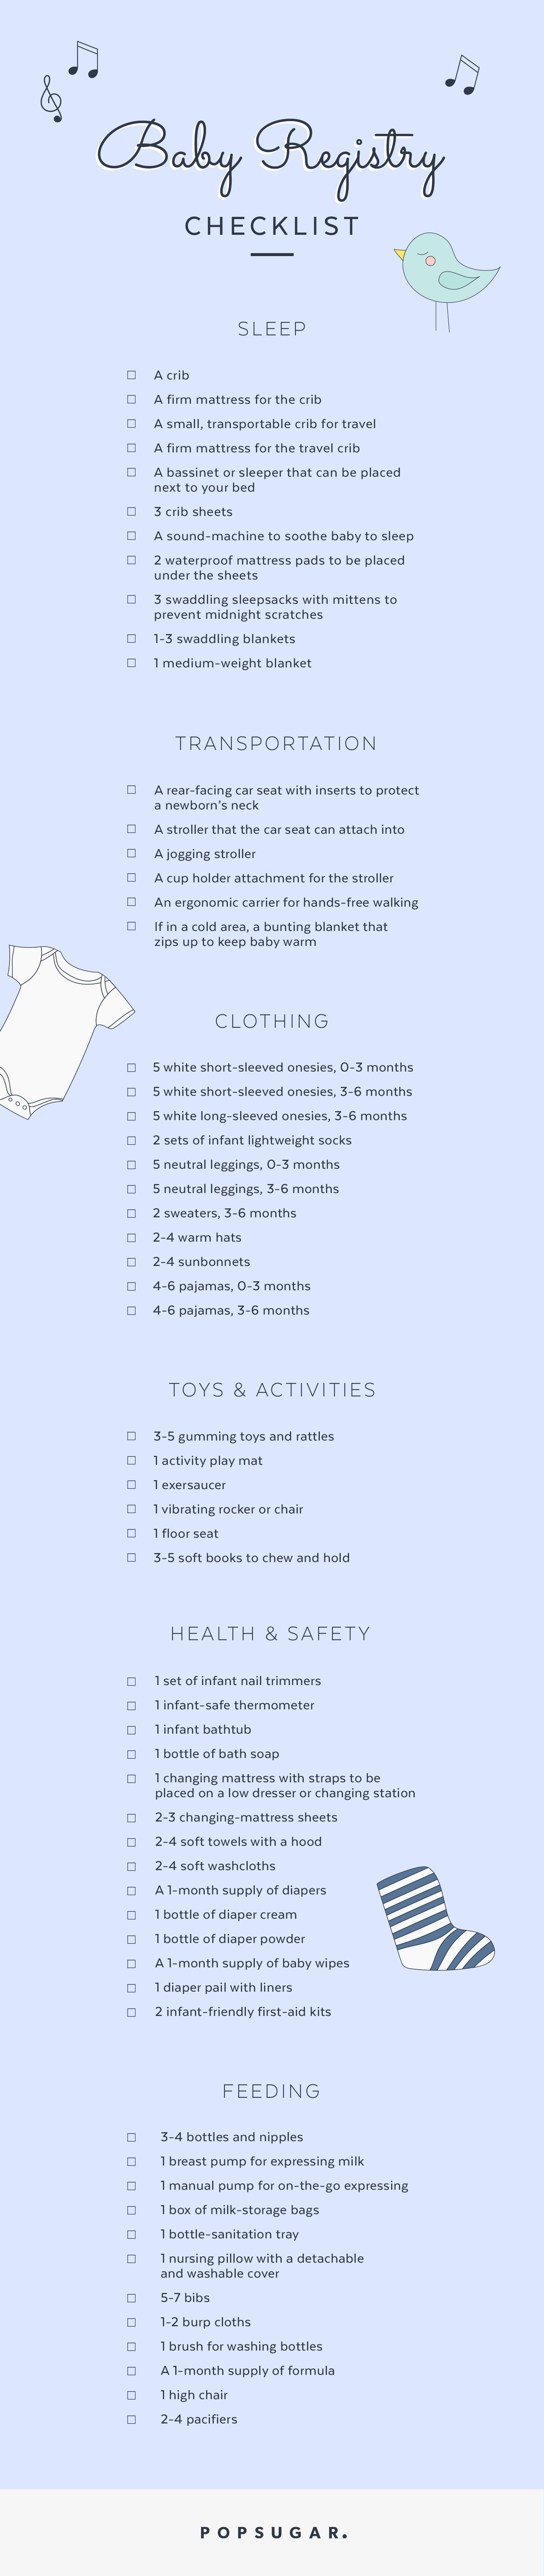 Baby Registry Checklist | POPSUGAR Moms